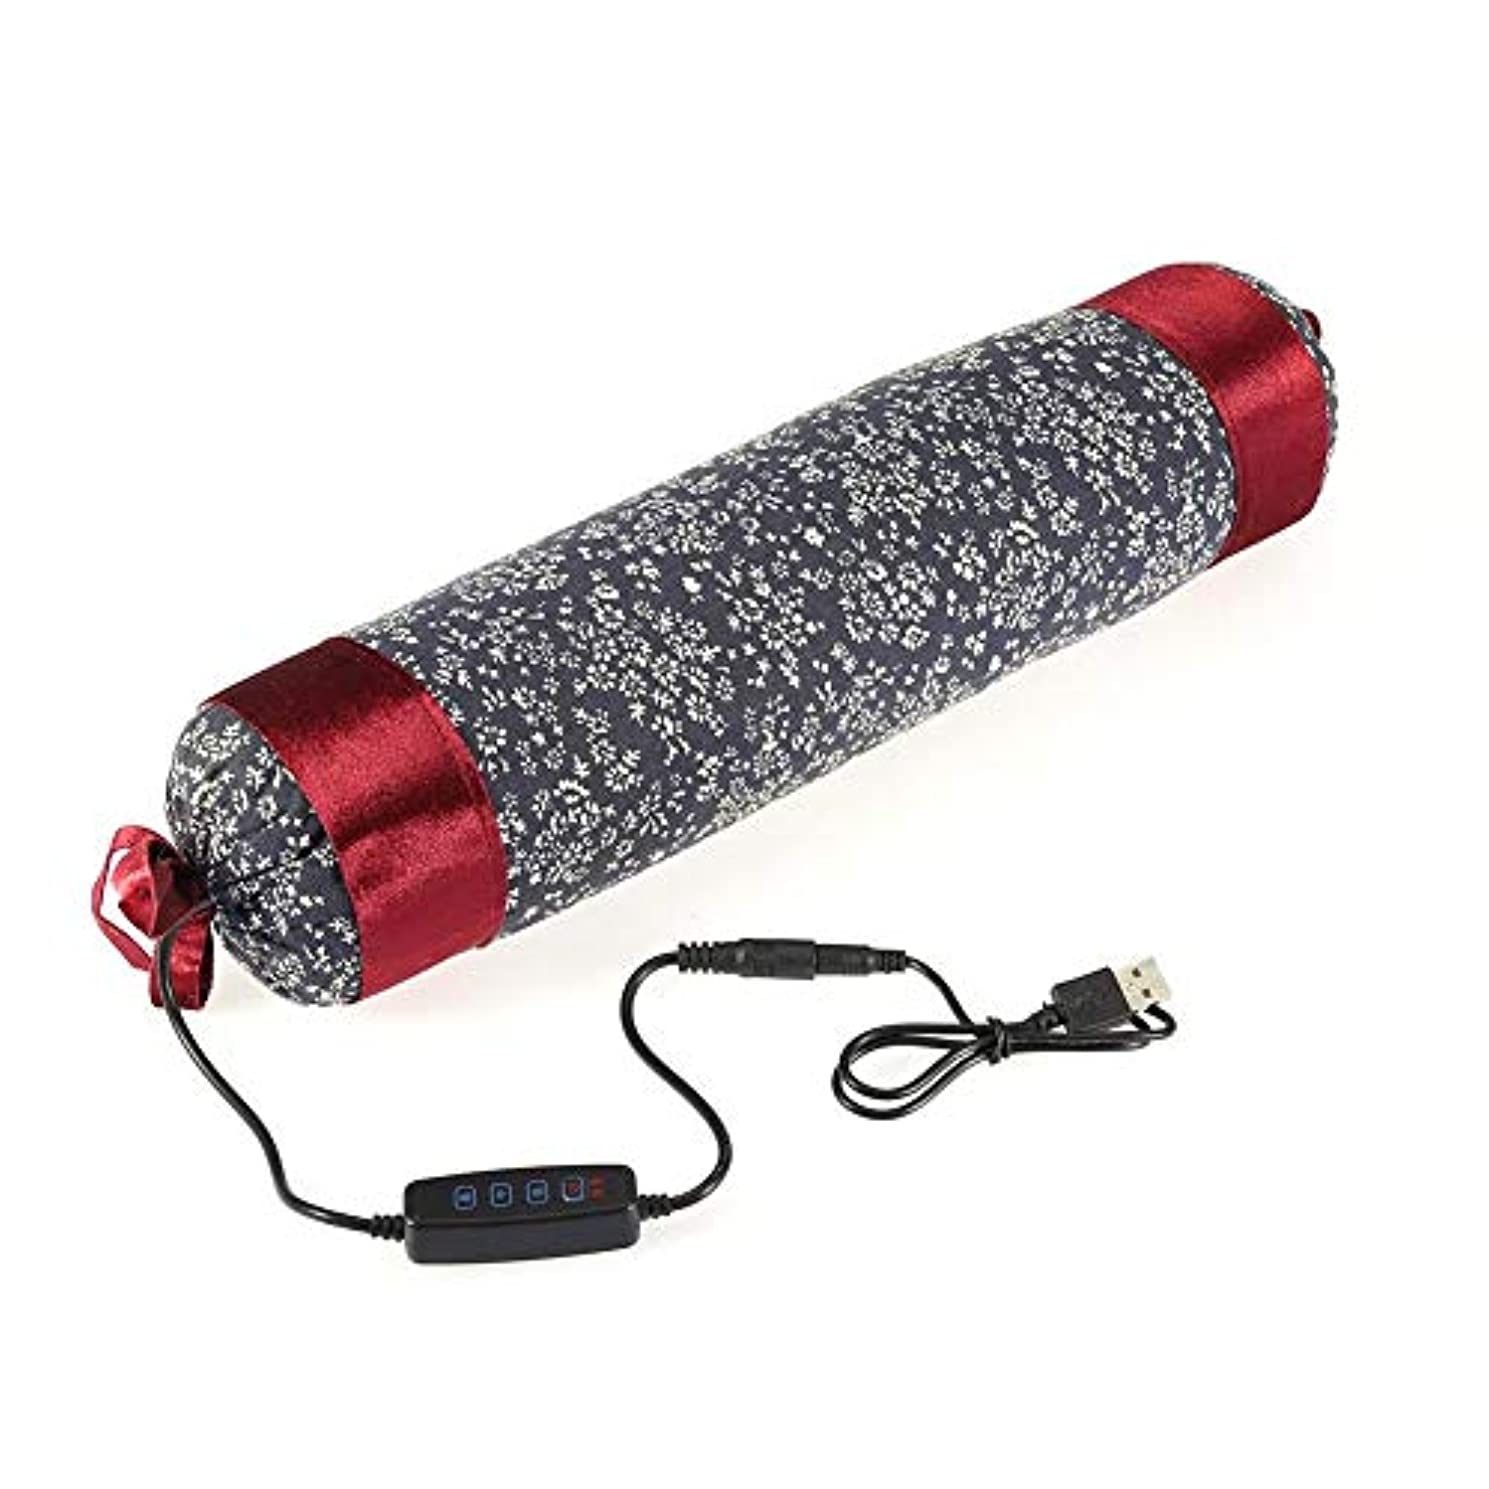 首頸部電気枕加熱家庭用肩マッサージ痛み疲労のための枕加熱灸